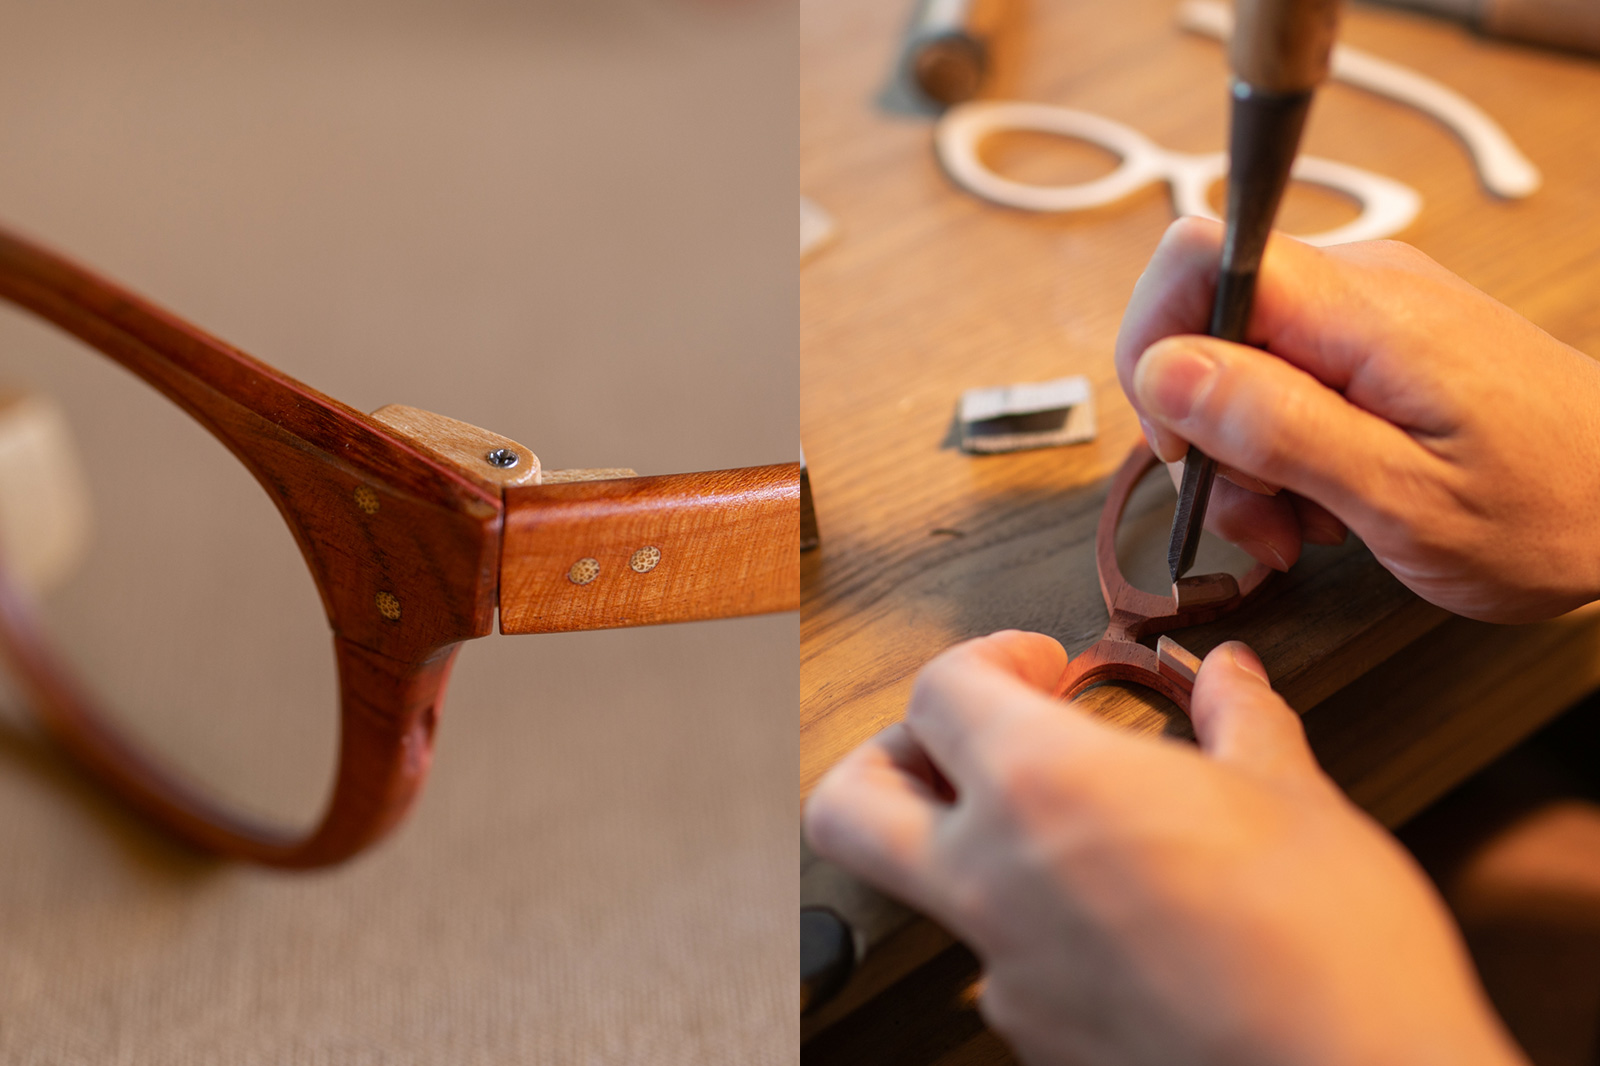 神田さんが作る眼鏡は丁番を除く全てのパーツが木製。